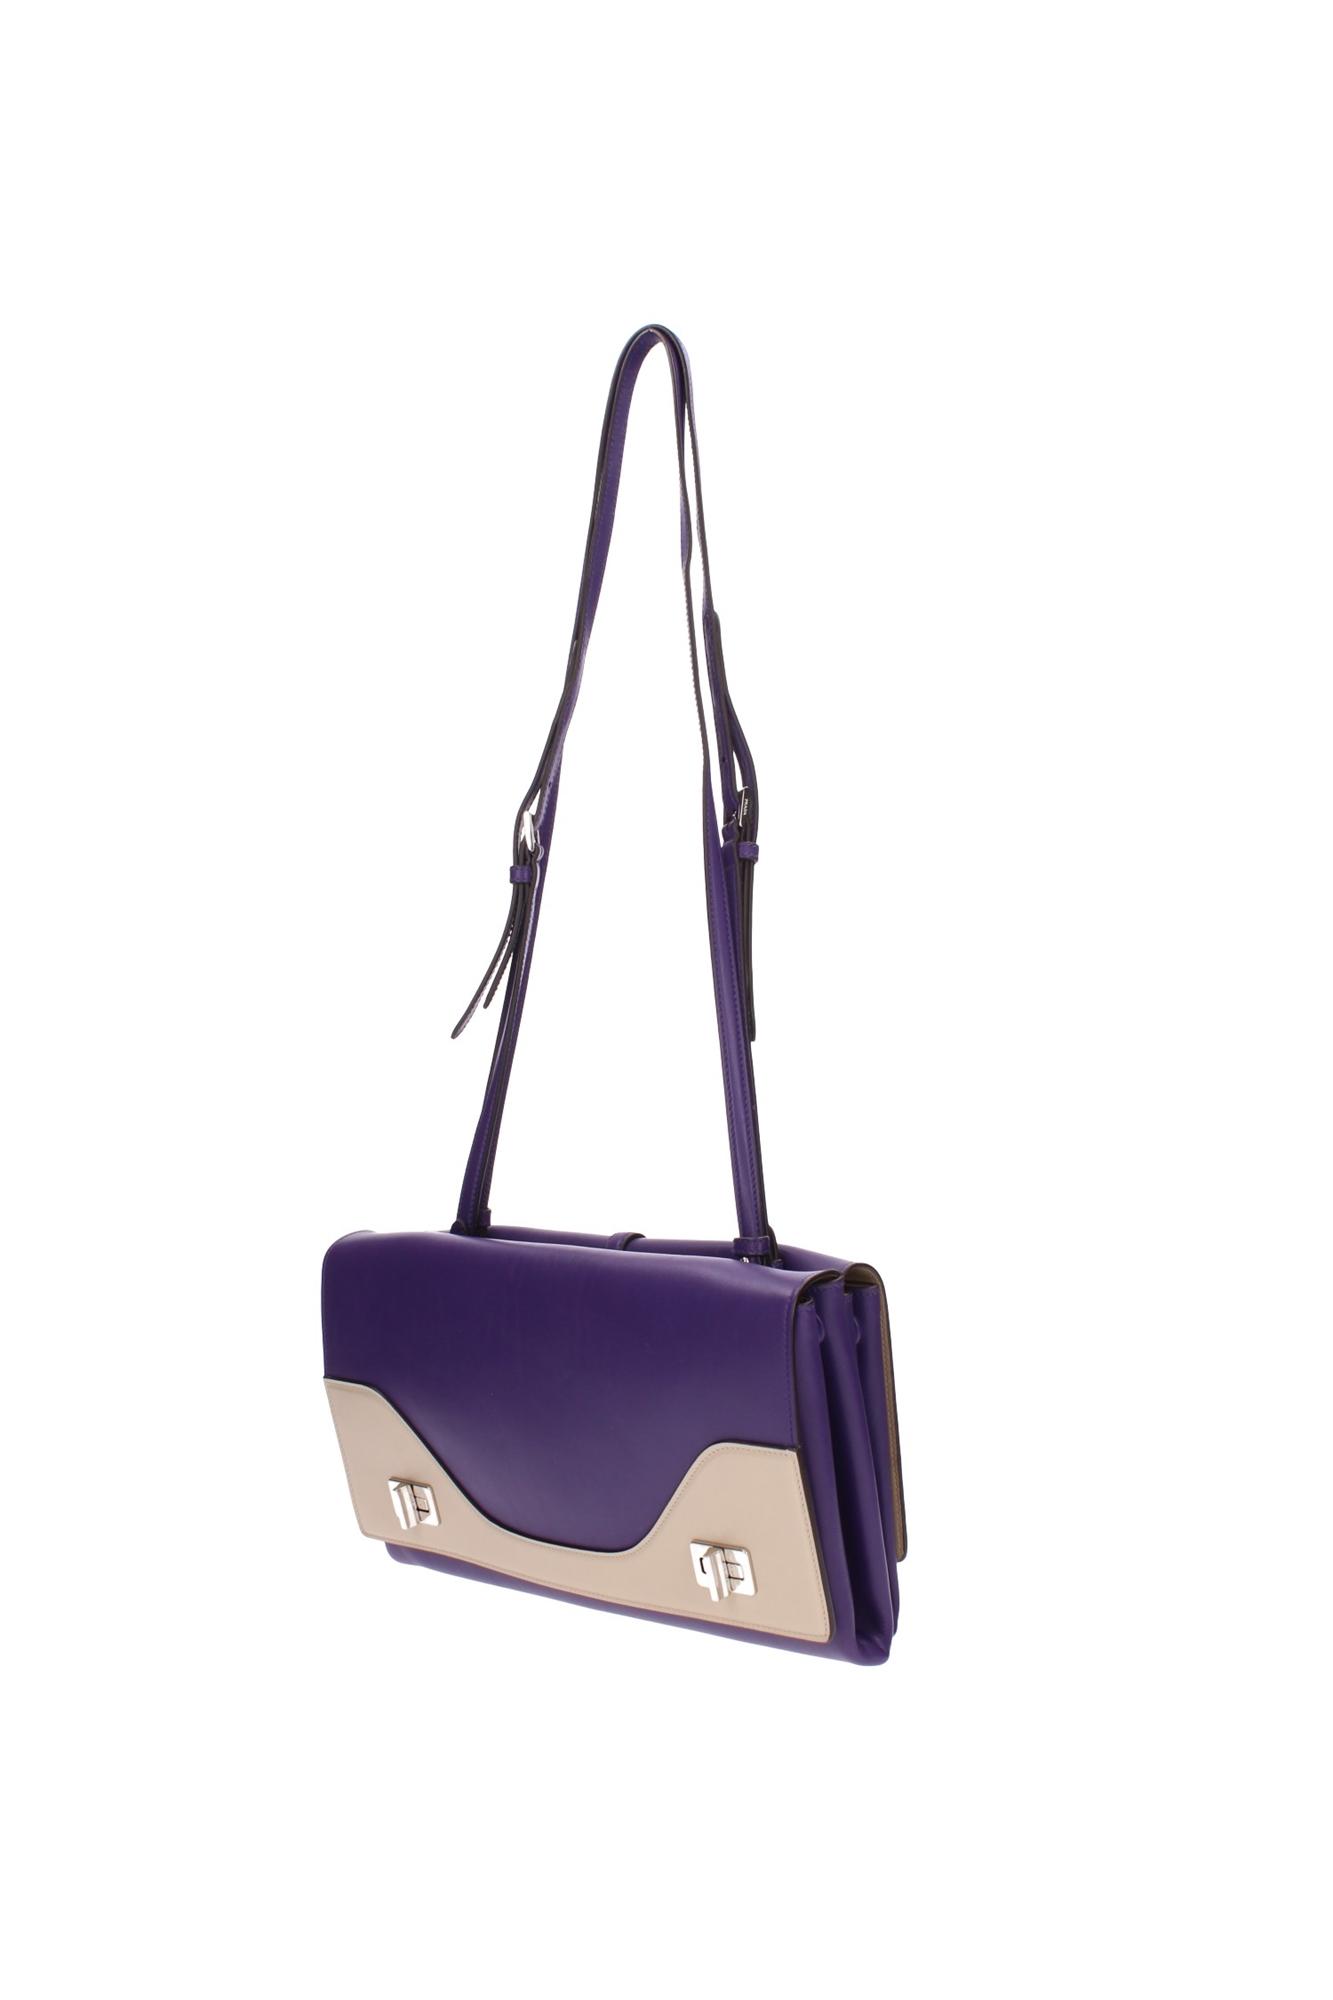 Borse A Tracolla Prada Donna Pelle Viola Br5077violasabbia | eBay